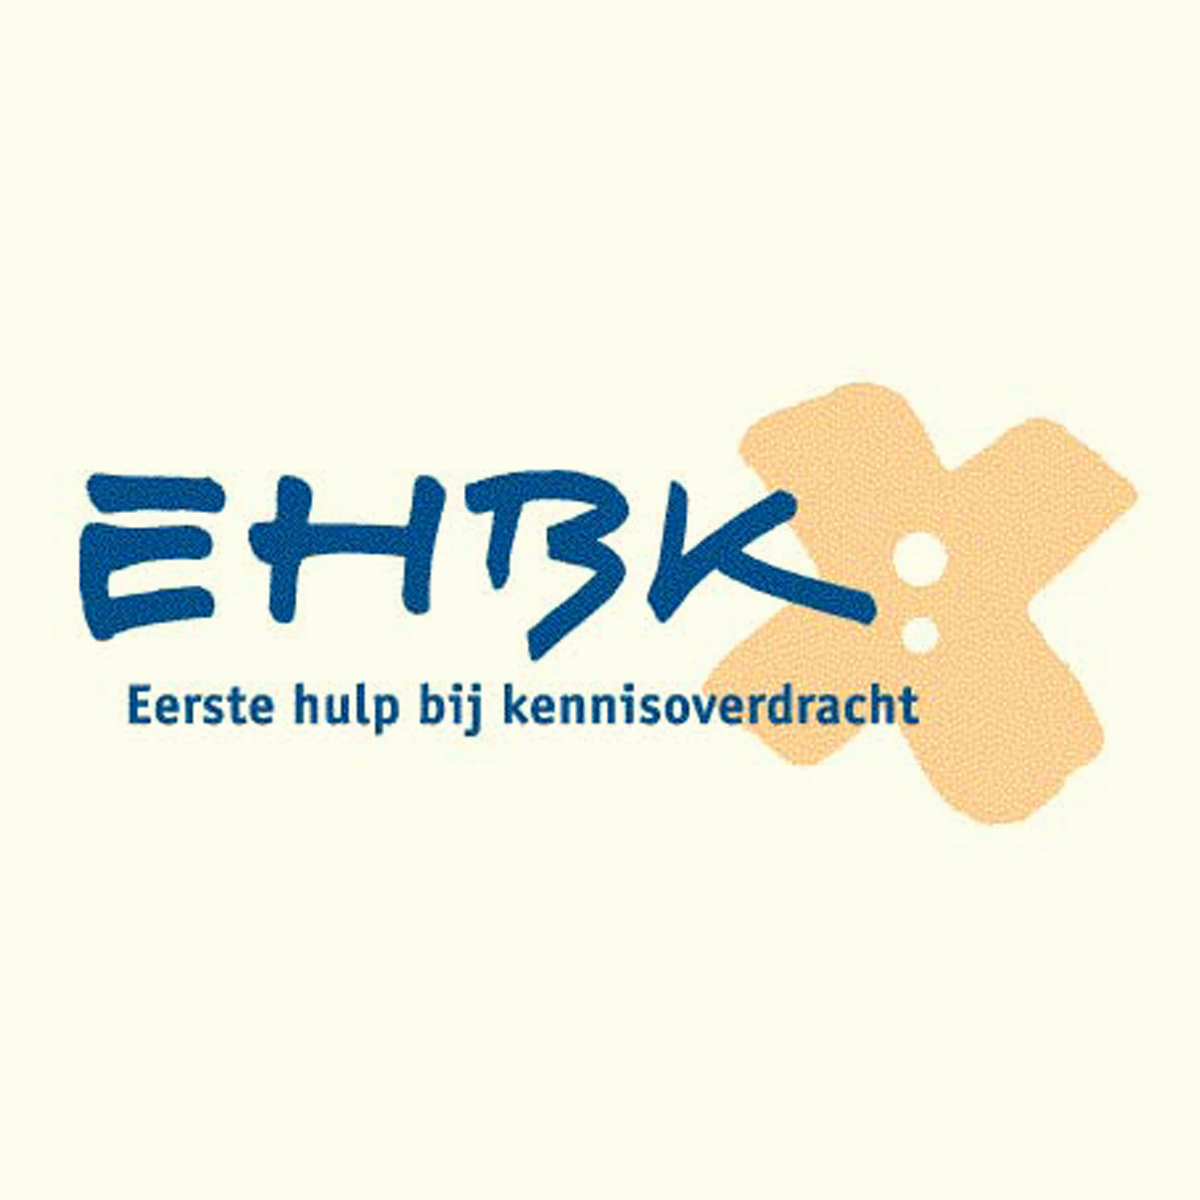 EHBK_logo